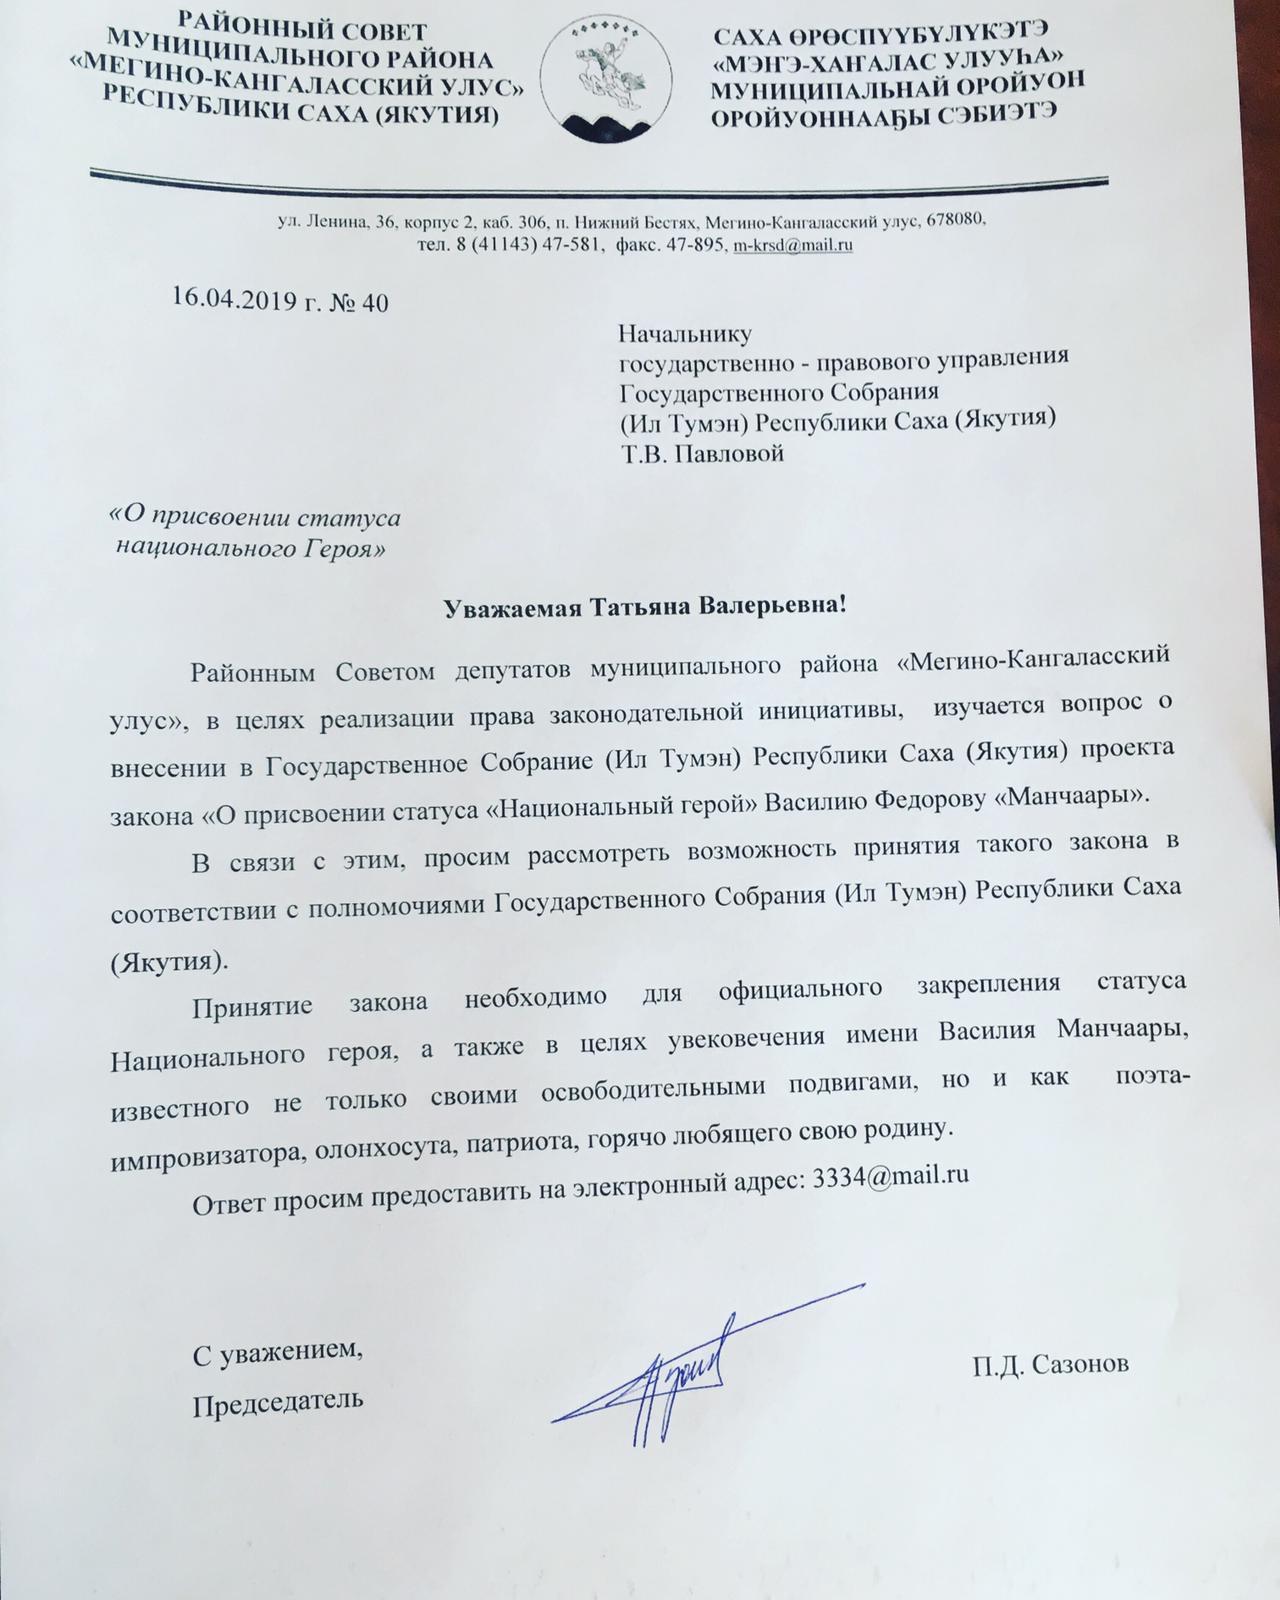 Депутаты просят узаконить статус «Национального героя» Василию Манчары